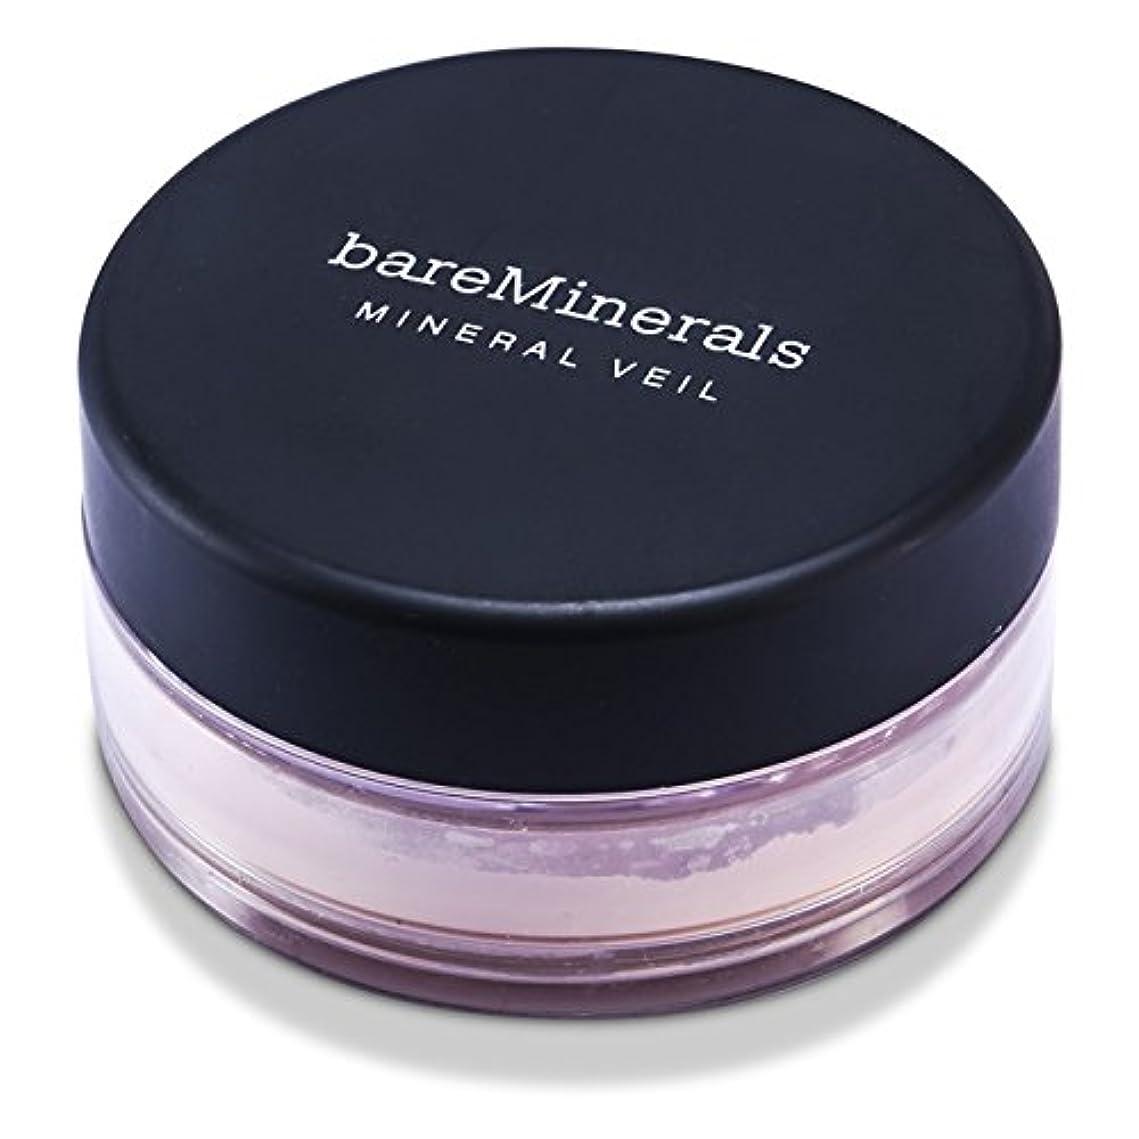 刺激する遅滞図ベアミネラル i.d. ミネラルヴェイル - Mineral Veil 9g/0.3oz並行輸入品